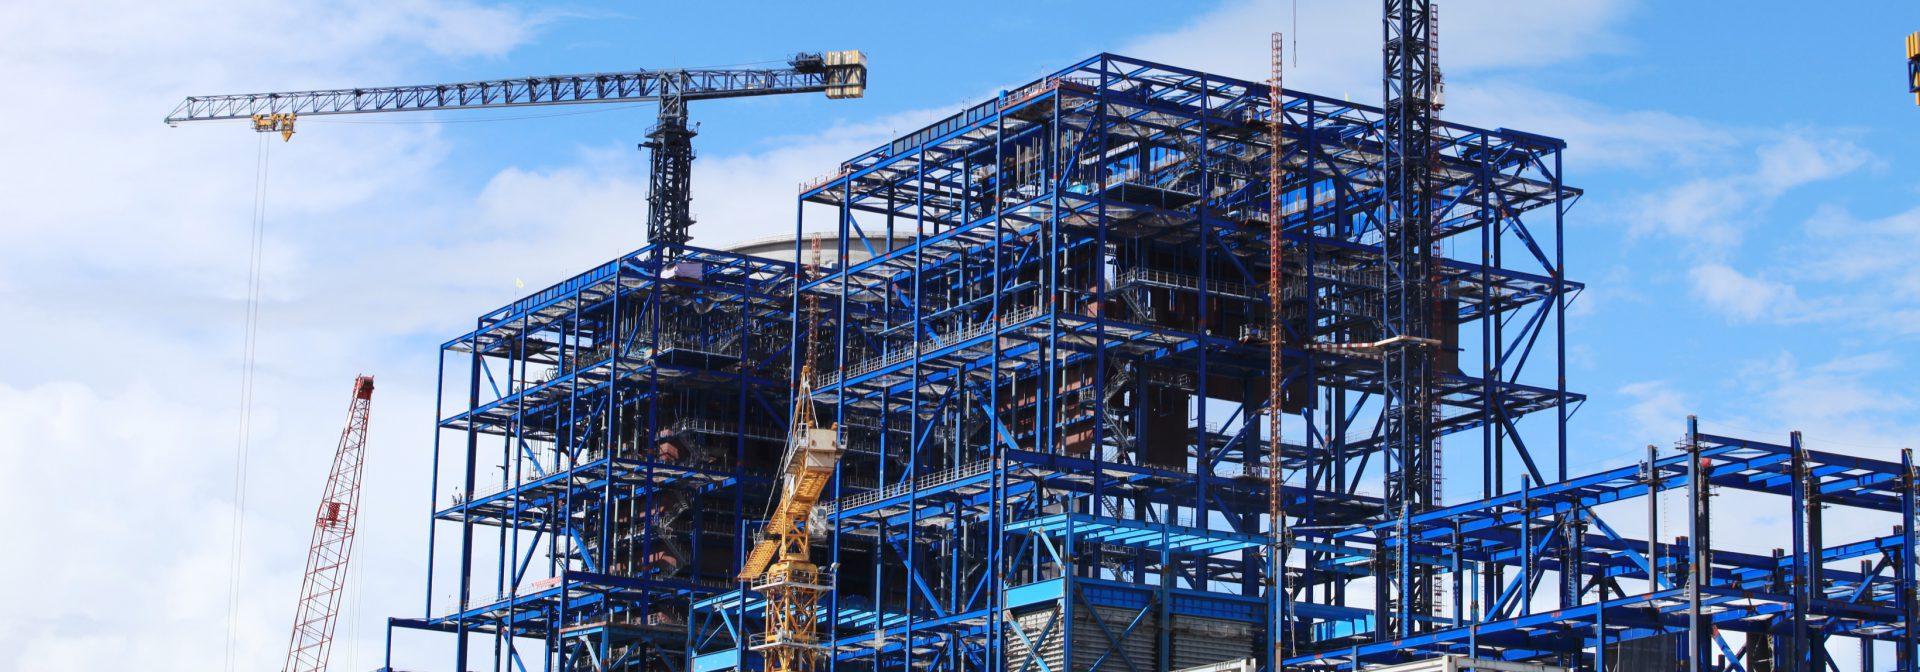 bouwplaats met gietwerk componenten van ELCEE uit de bouwnijverheid panorama afbeelding